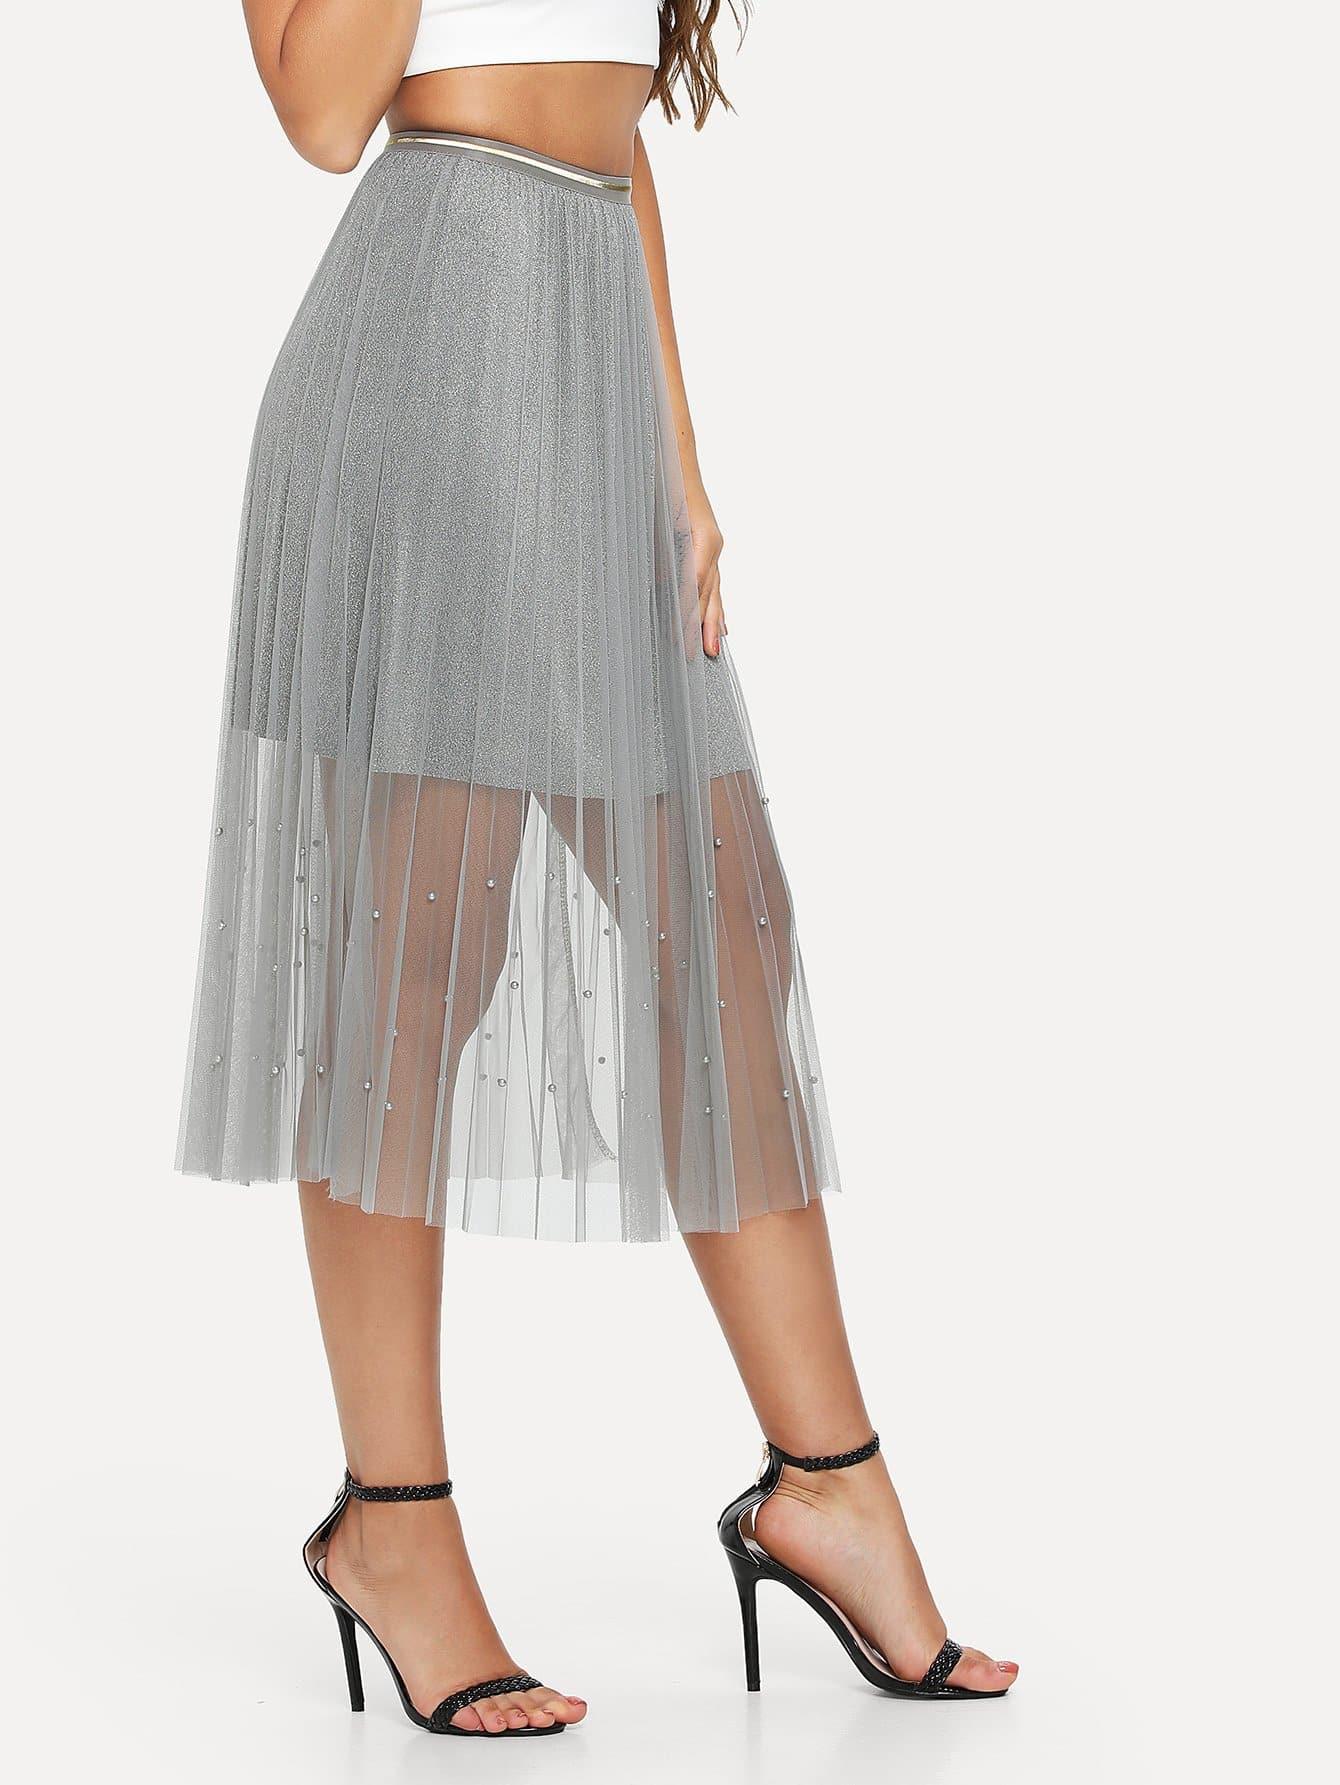 Beaded Mesh Skirt